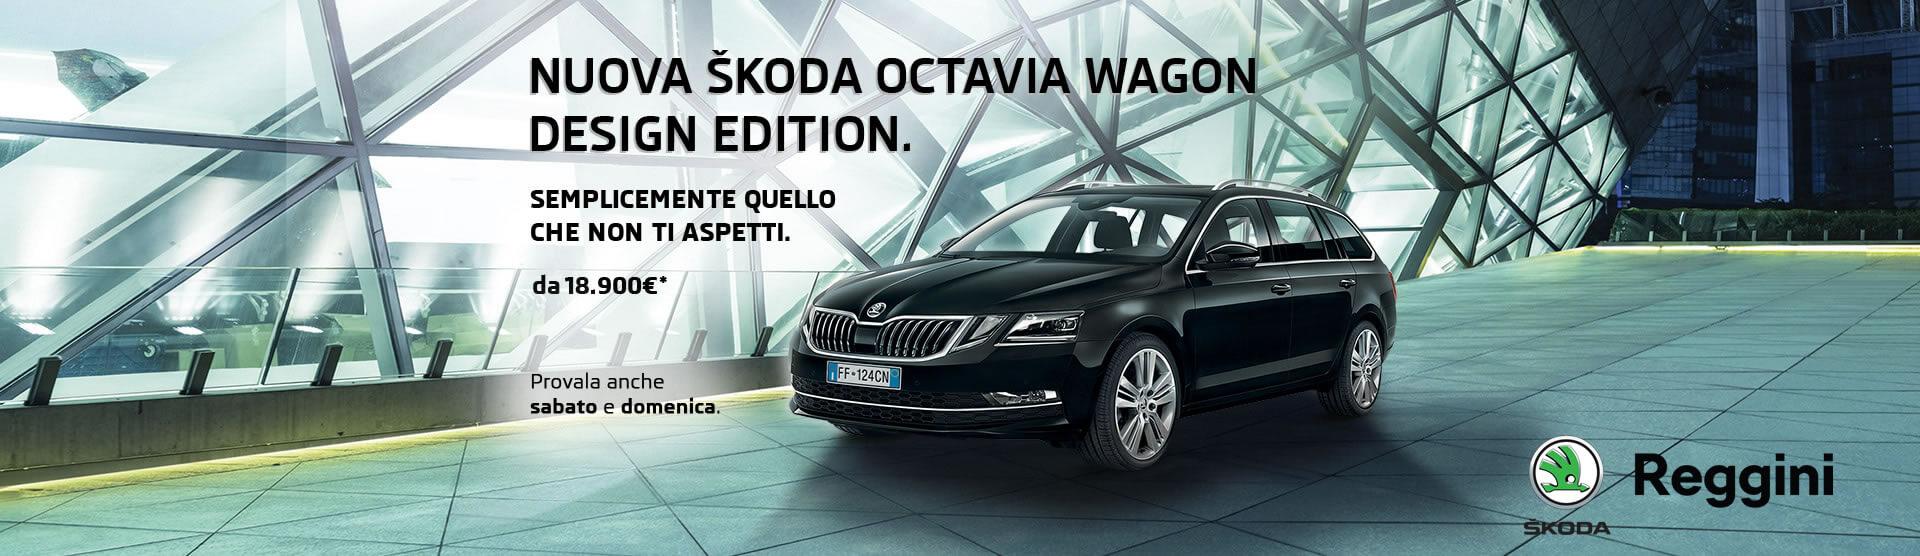 Nuova ŠKODA Octavia wagon Design edition da 18.500€ anche a Metano